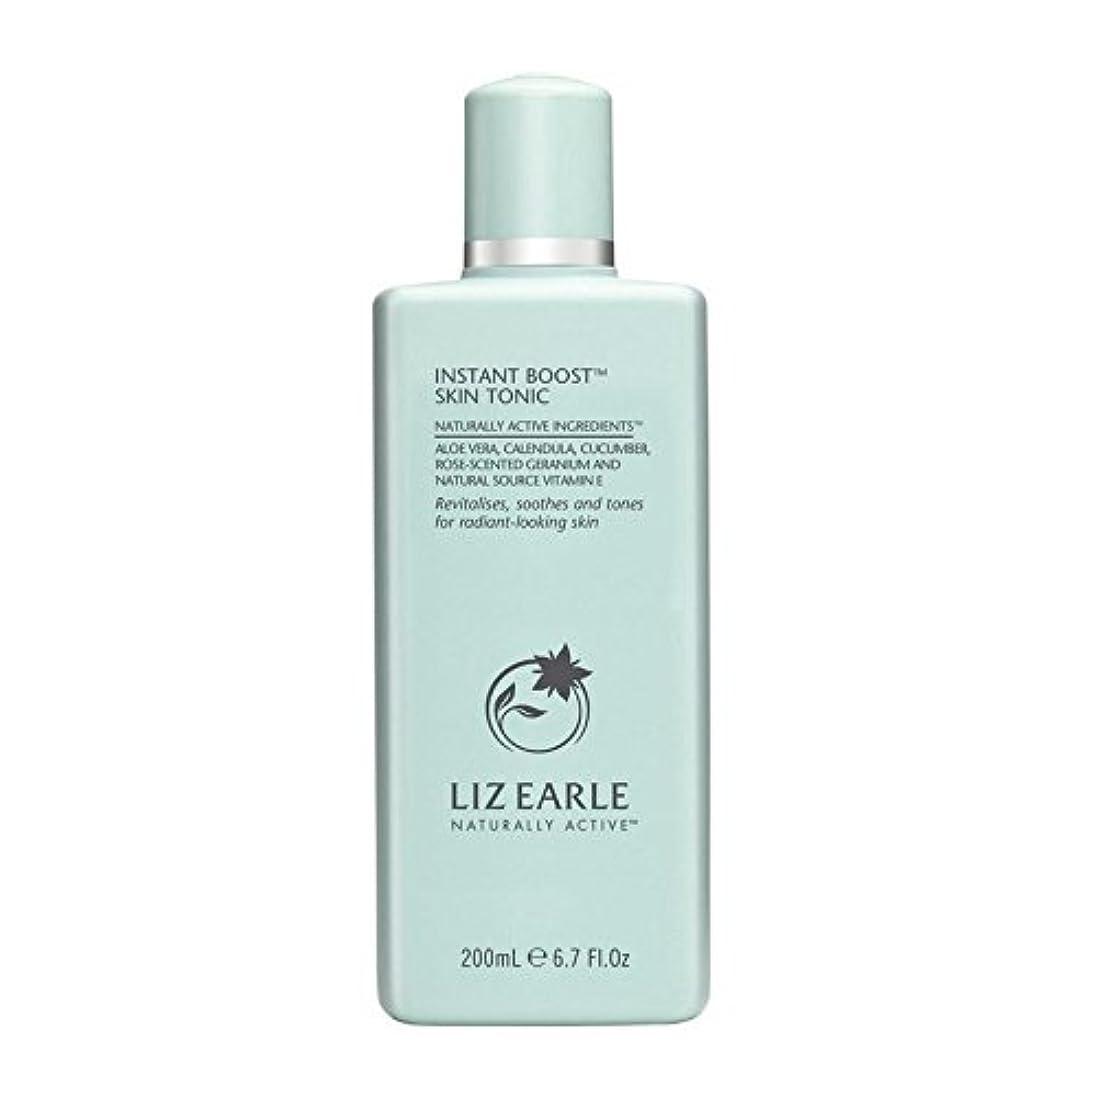 プレフィックス土砂降り報酬のリズアールインスタントブーストスキントニックボトル200ミリリットル x2 - Liz Earle Instant Boost Skin Tonic Bottle 200ml (Pack of 2) [並行輸入品]